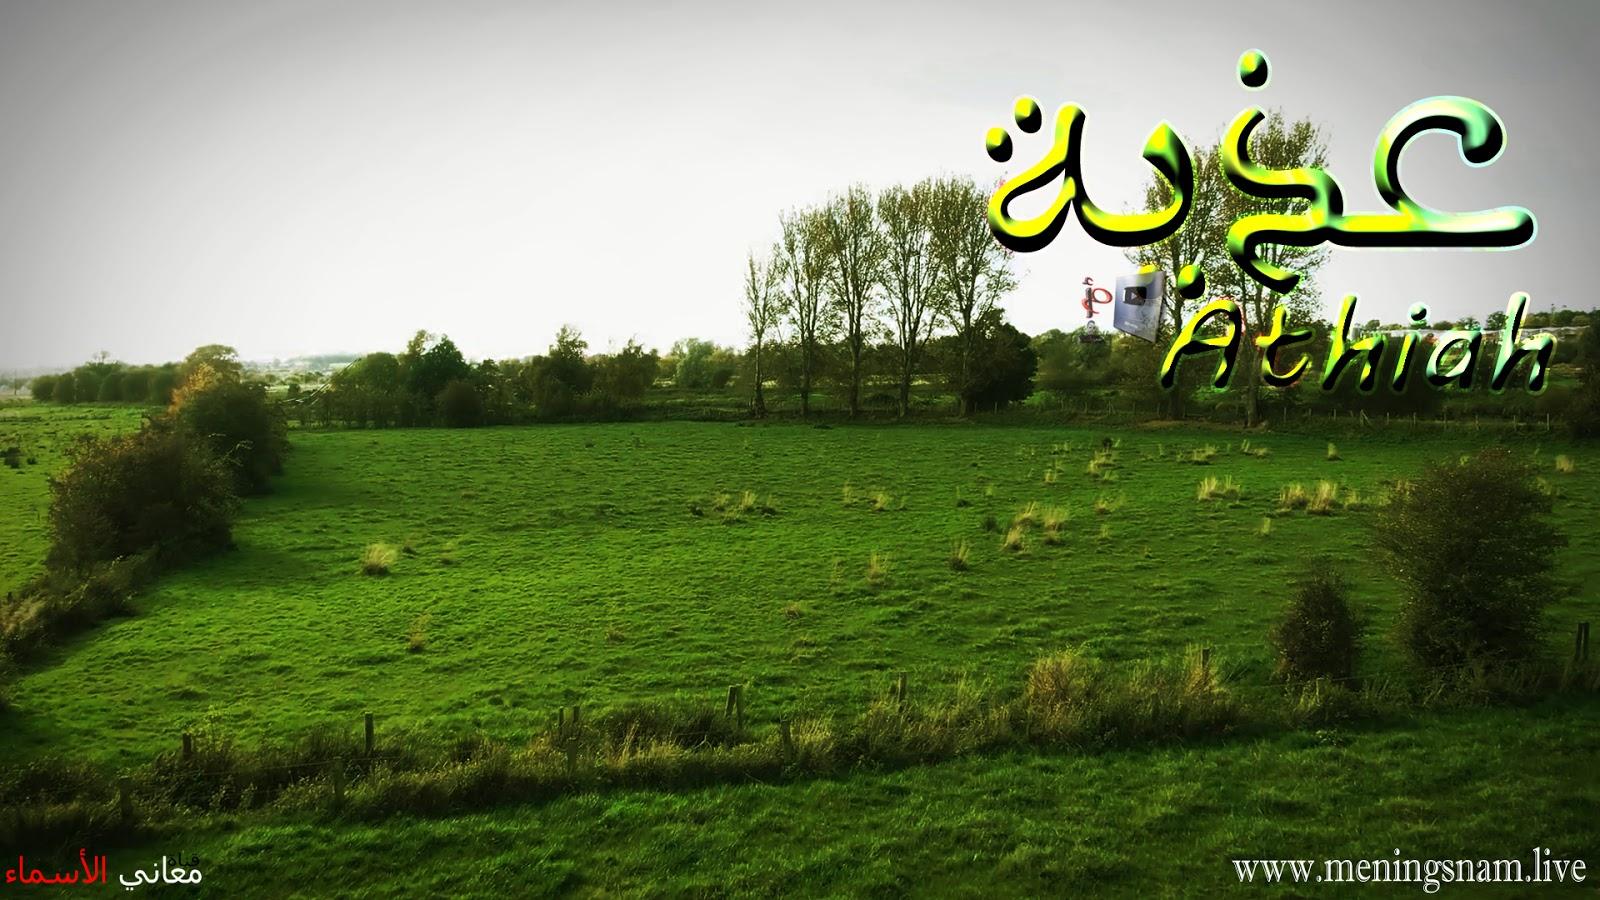 معنى اسم عذية وصفات حاملة هذا الإسم Athiah معاني الأسماء ومعاني الكلمات وتفسير القرآن الكريم